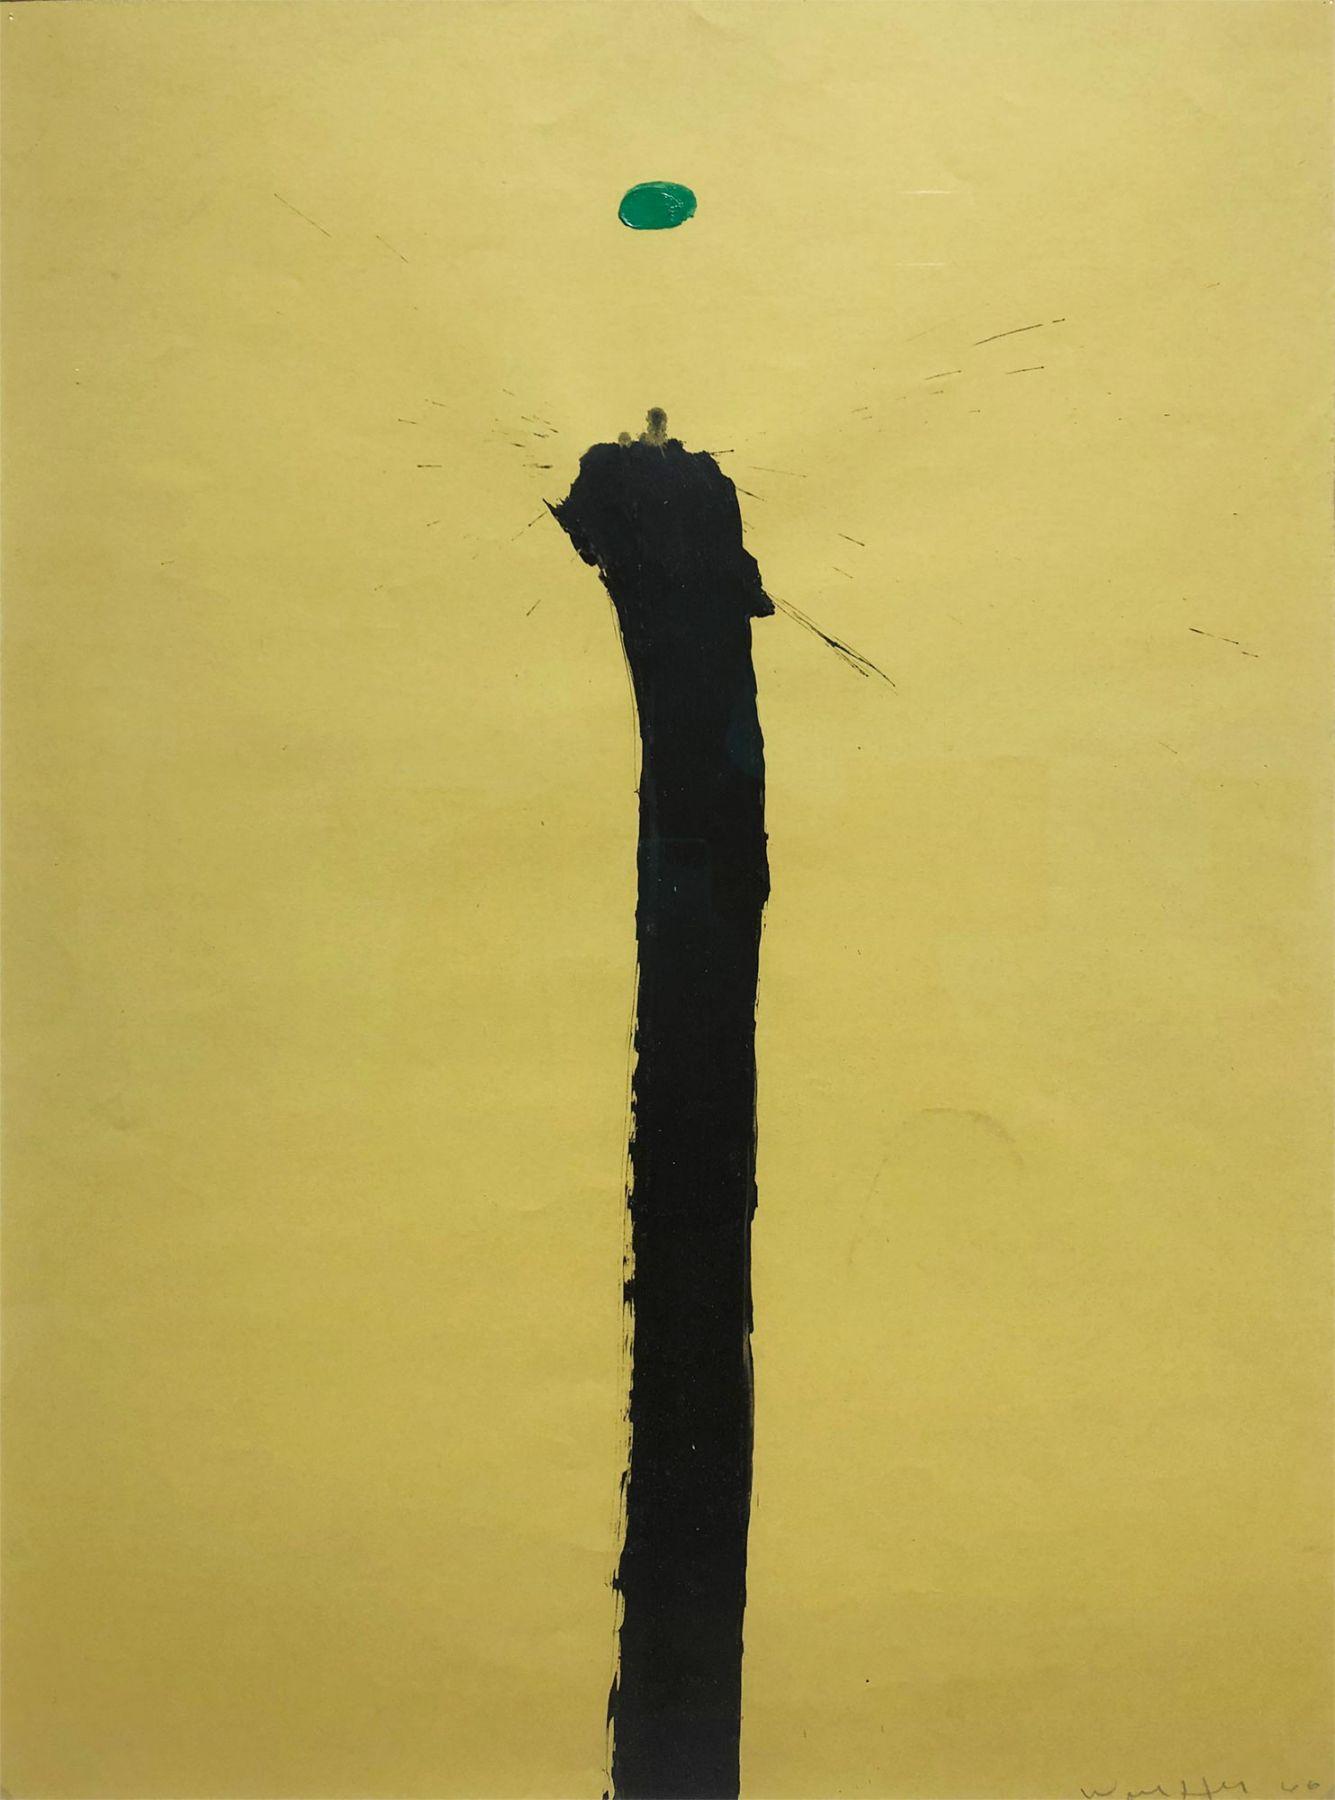 EMERSON WOELFFER (1914-2003), Zen, 1966